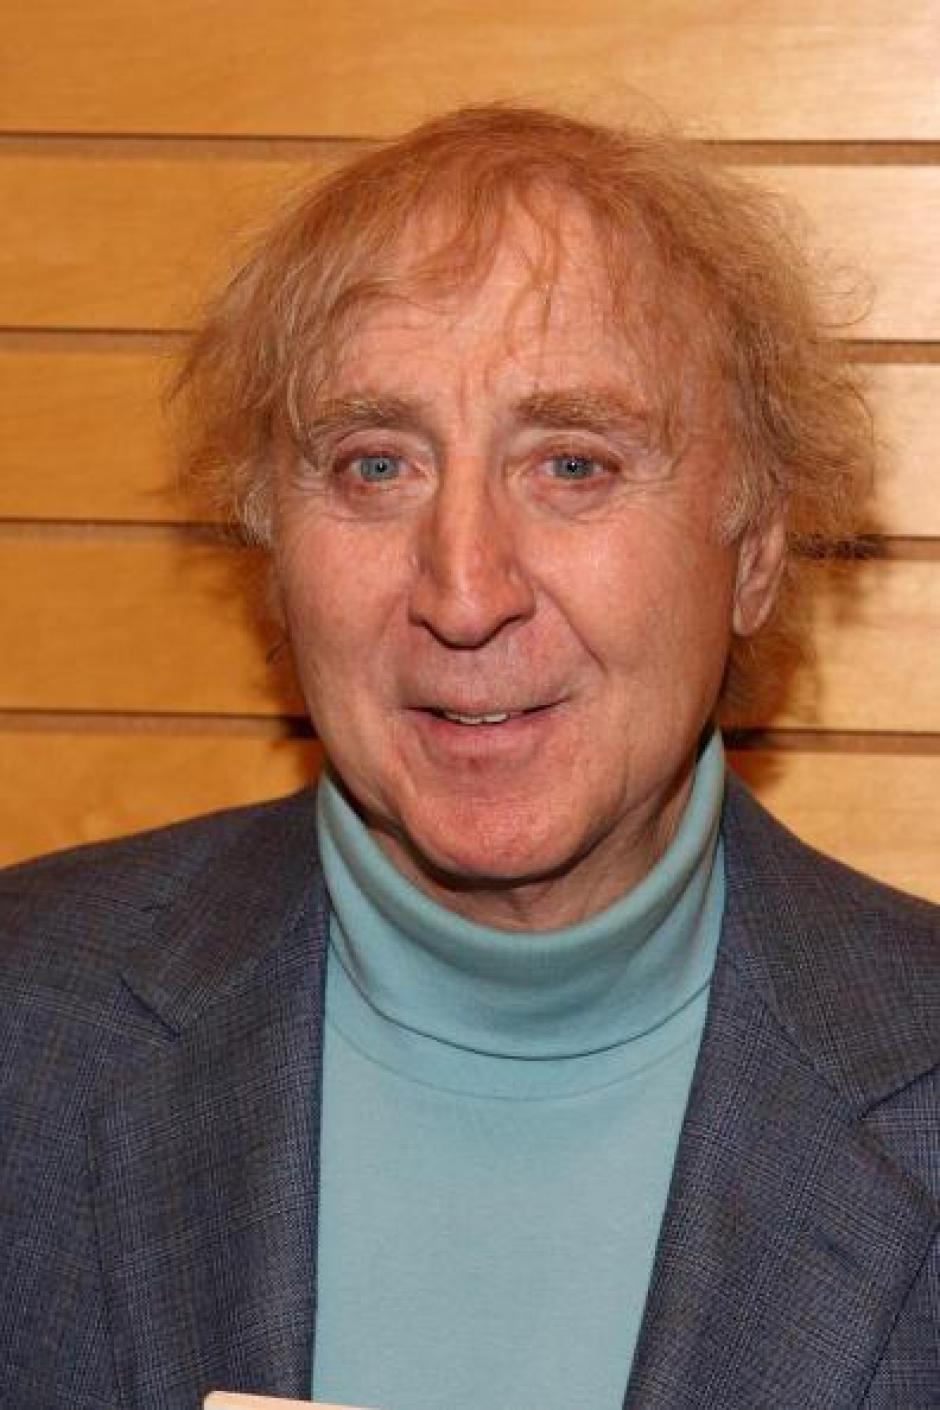 Silberman actualmente tiene 83 años. (Foto: El Farandi)